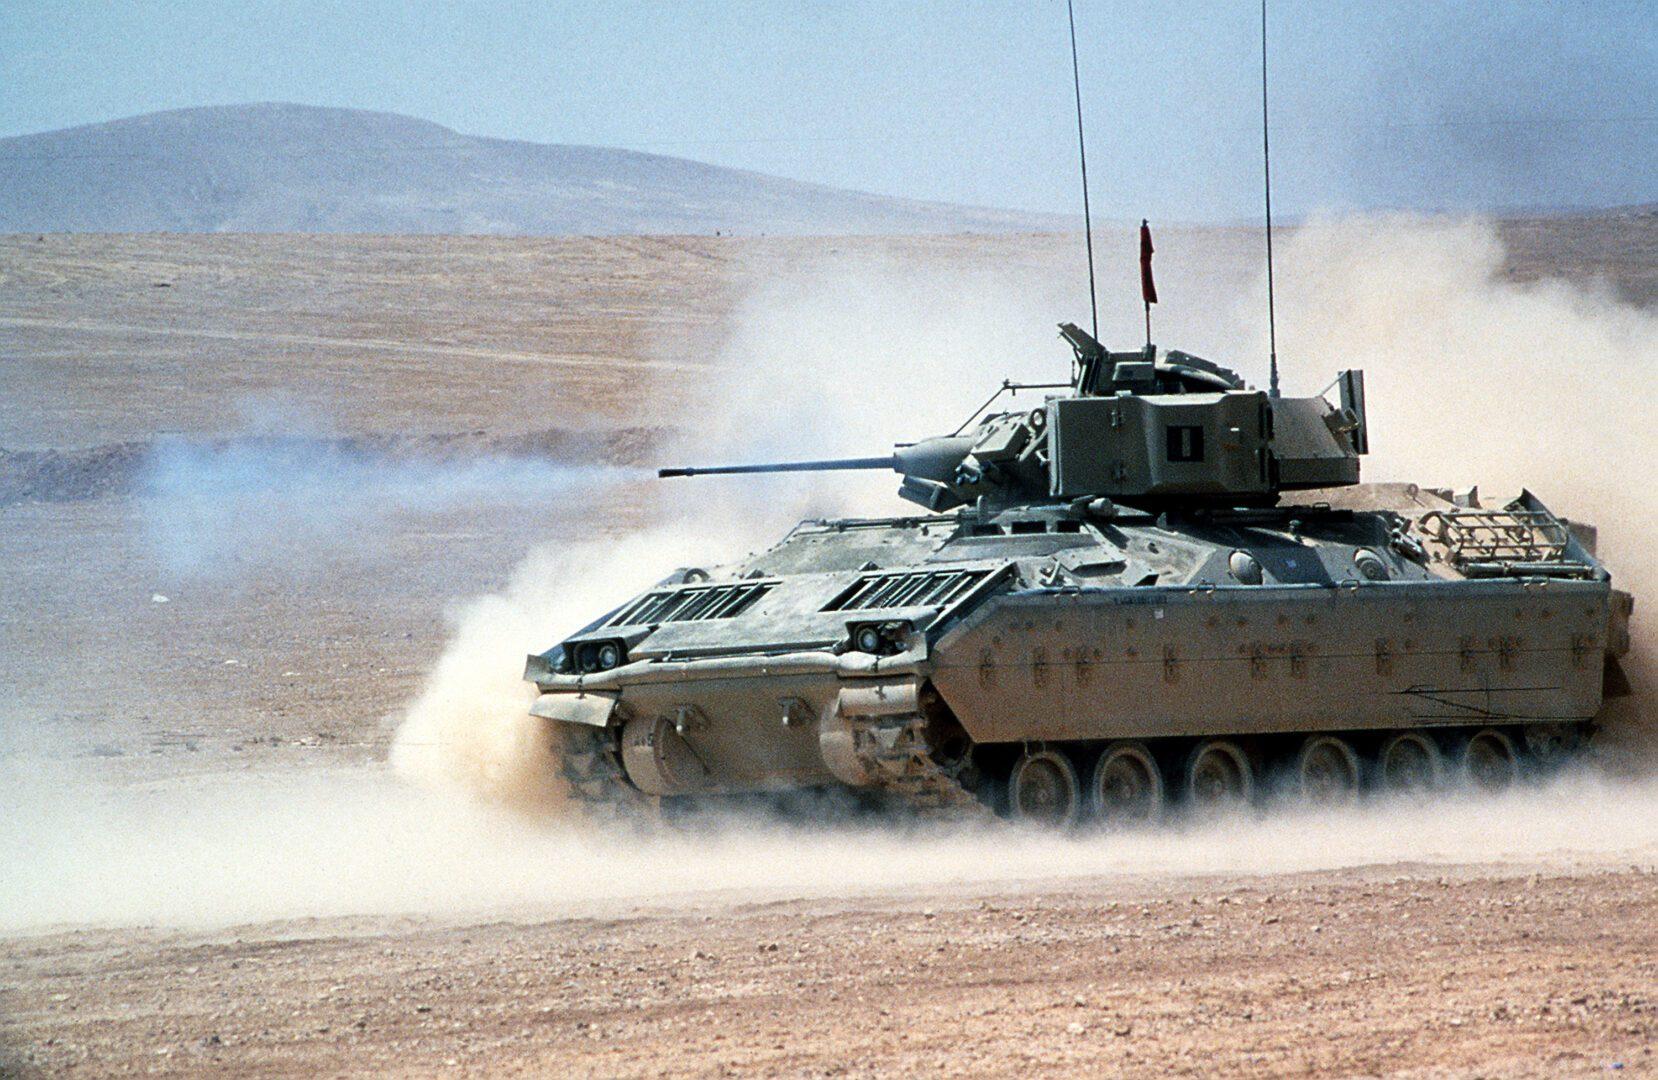 Military tank in the desert